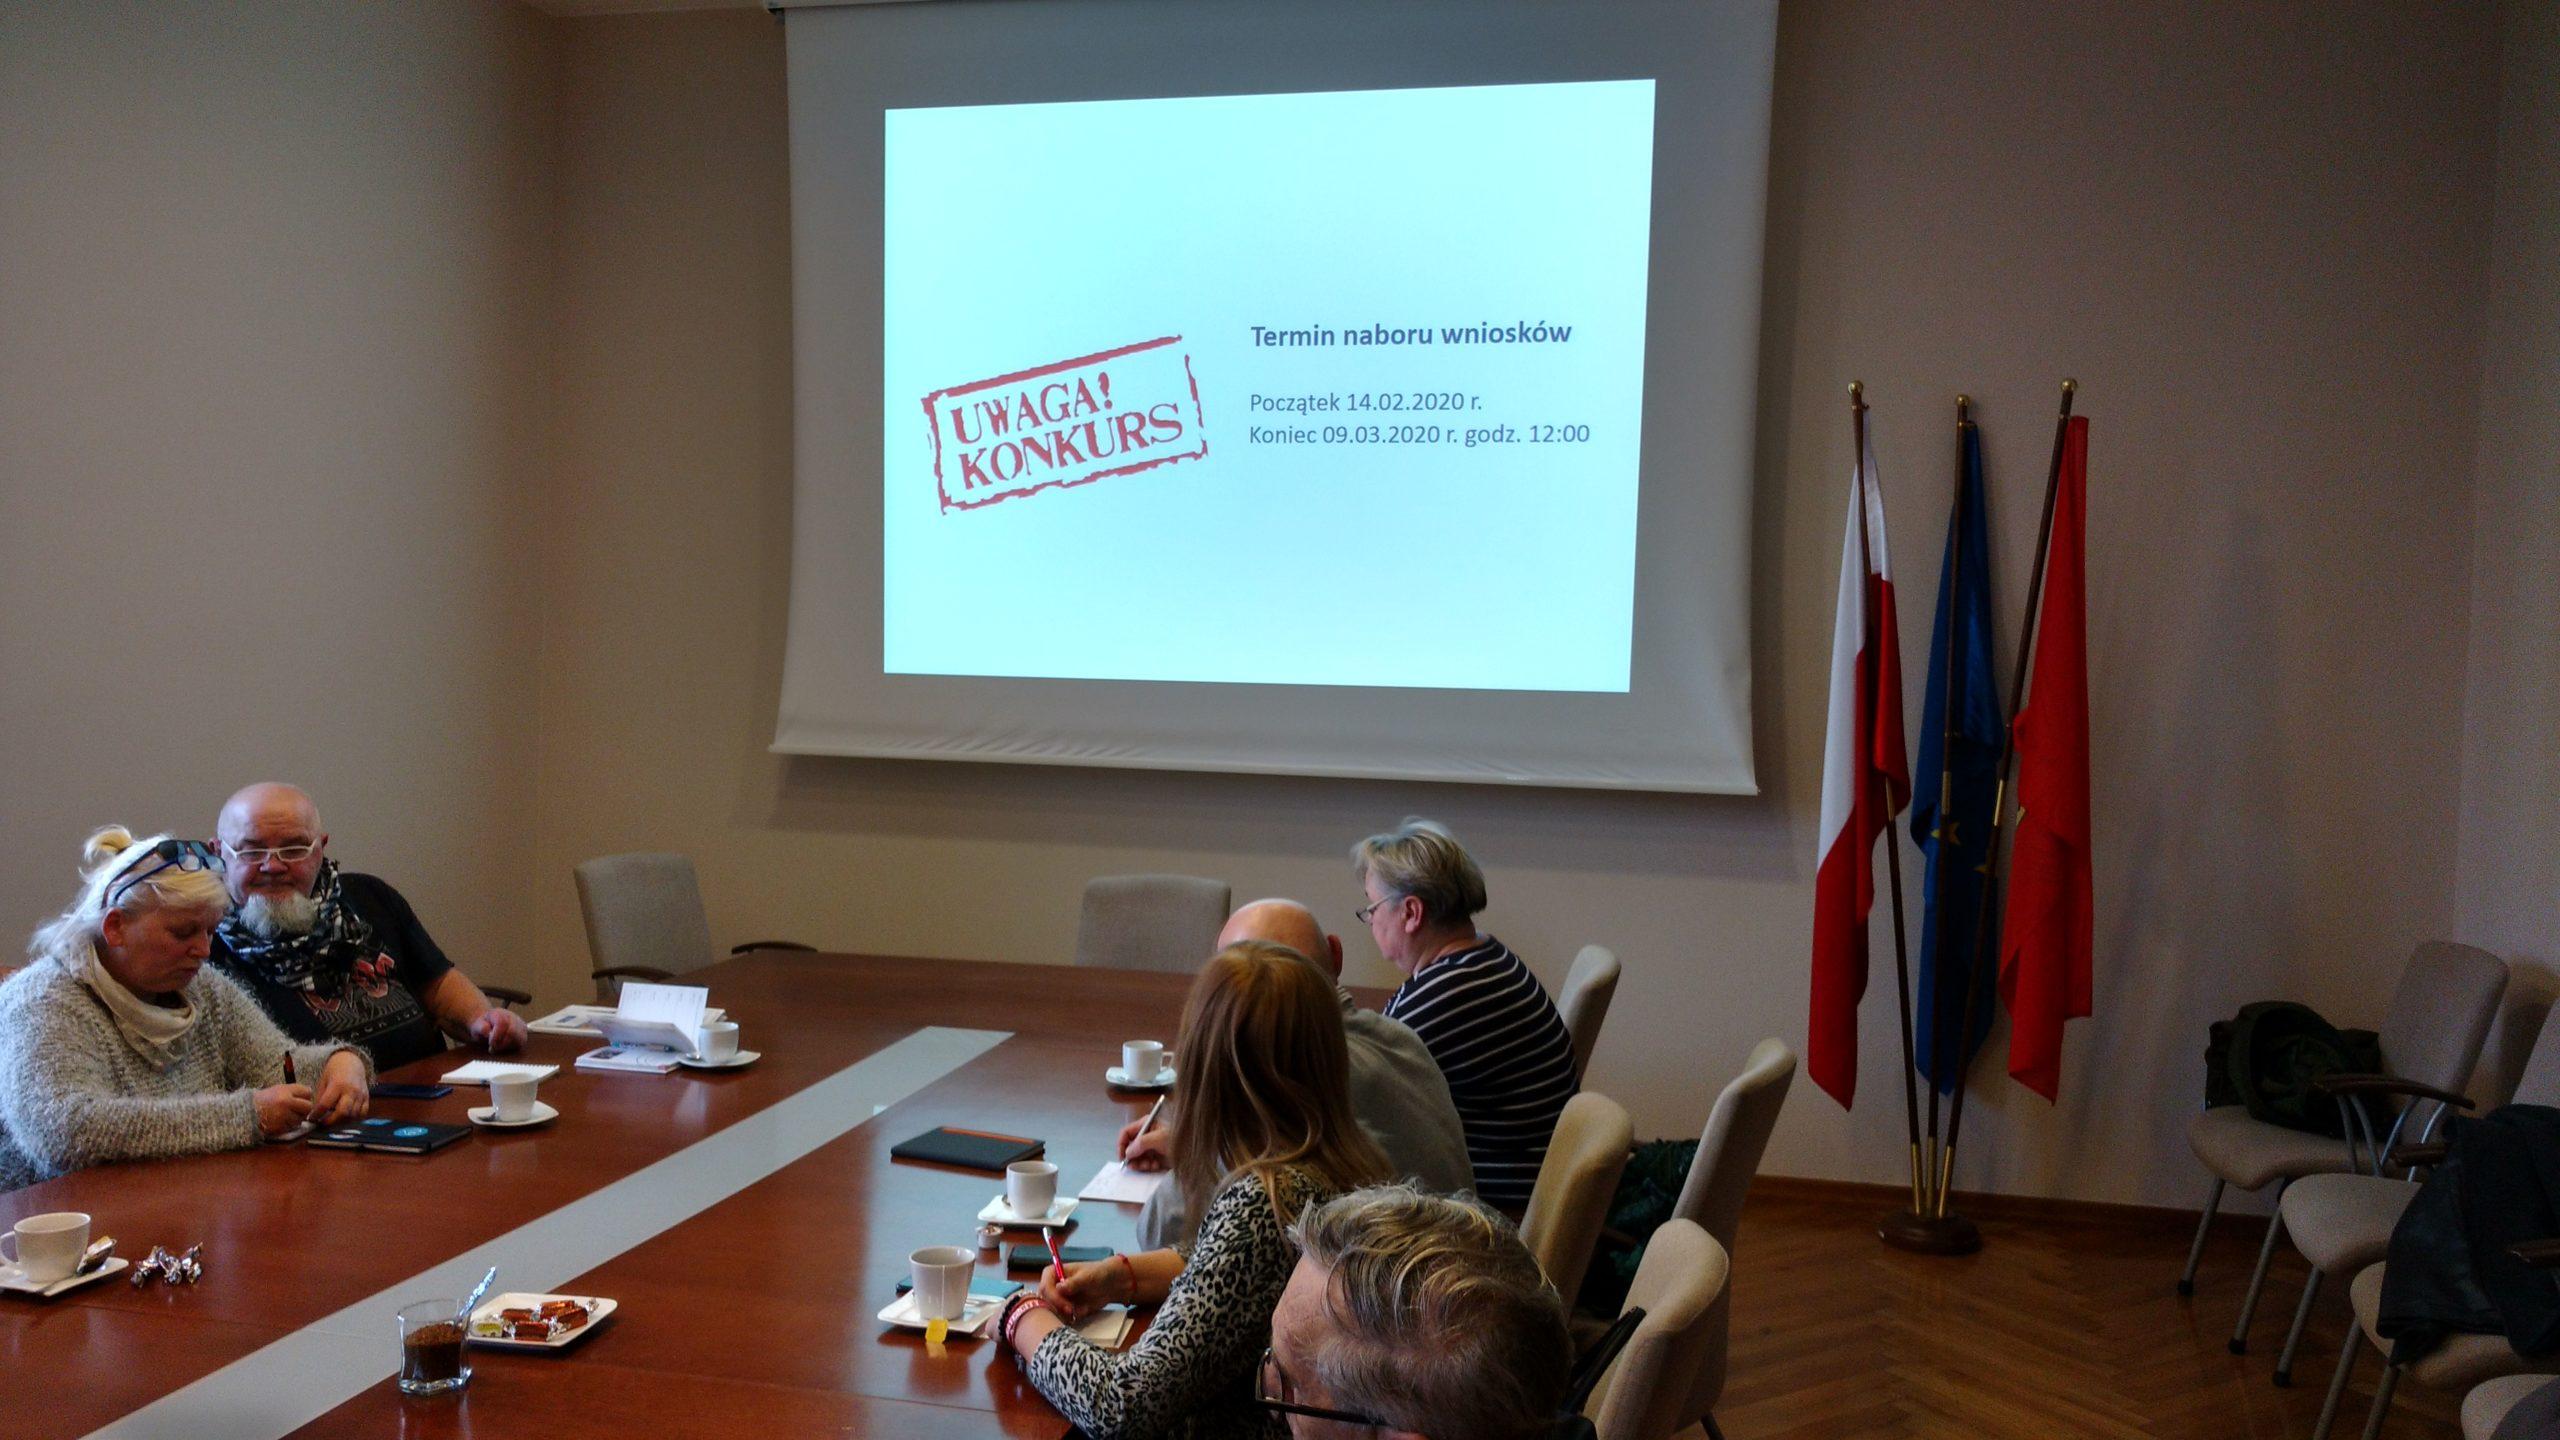 Uczestnicy spotkania poznali zasady konkursu Wielkopolska Wiara